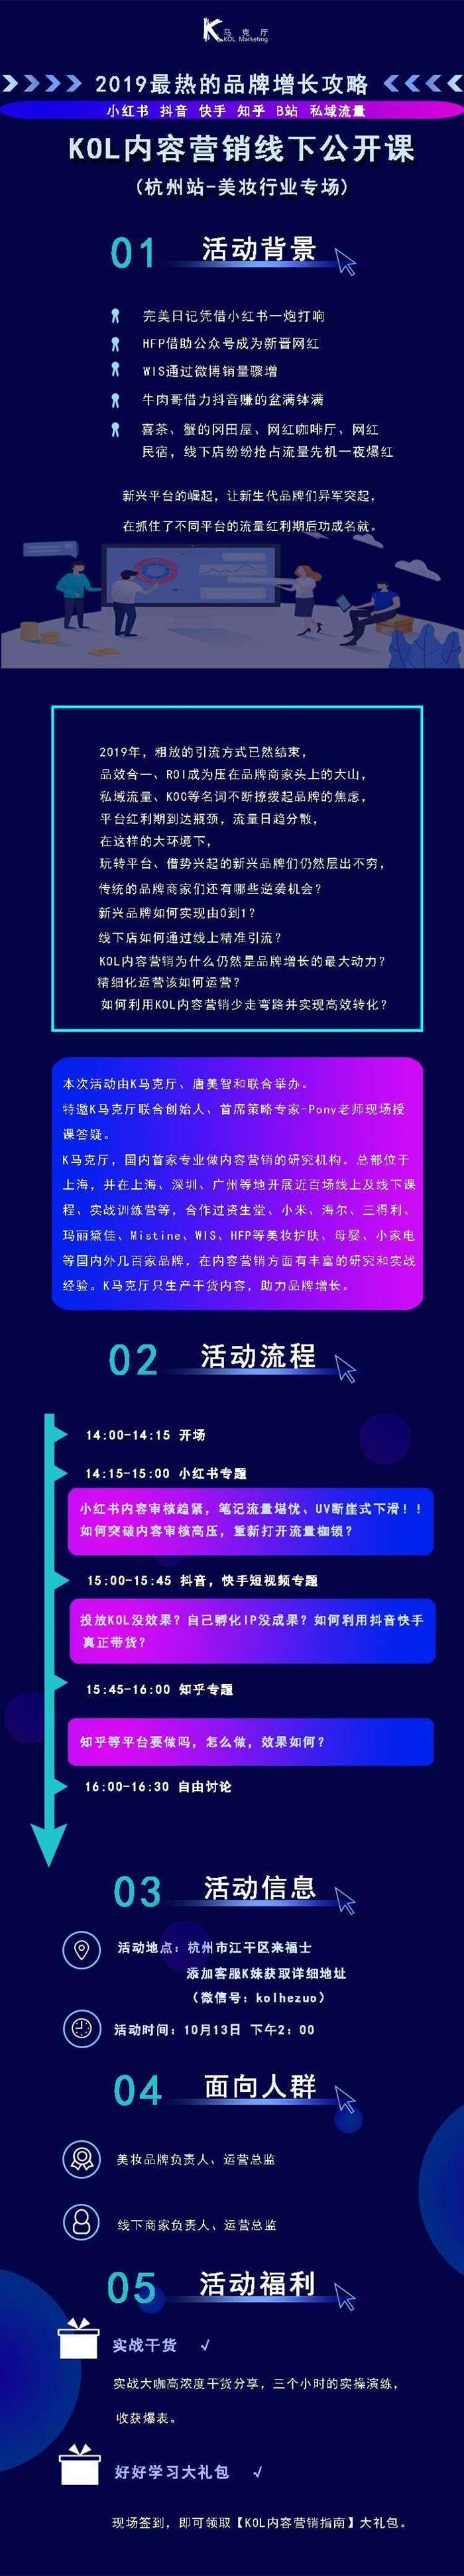 杭州10.13.jpg